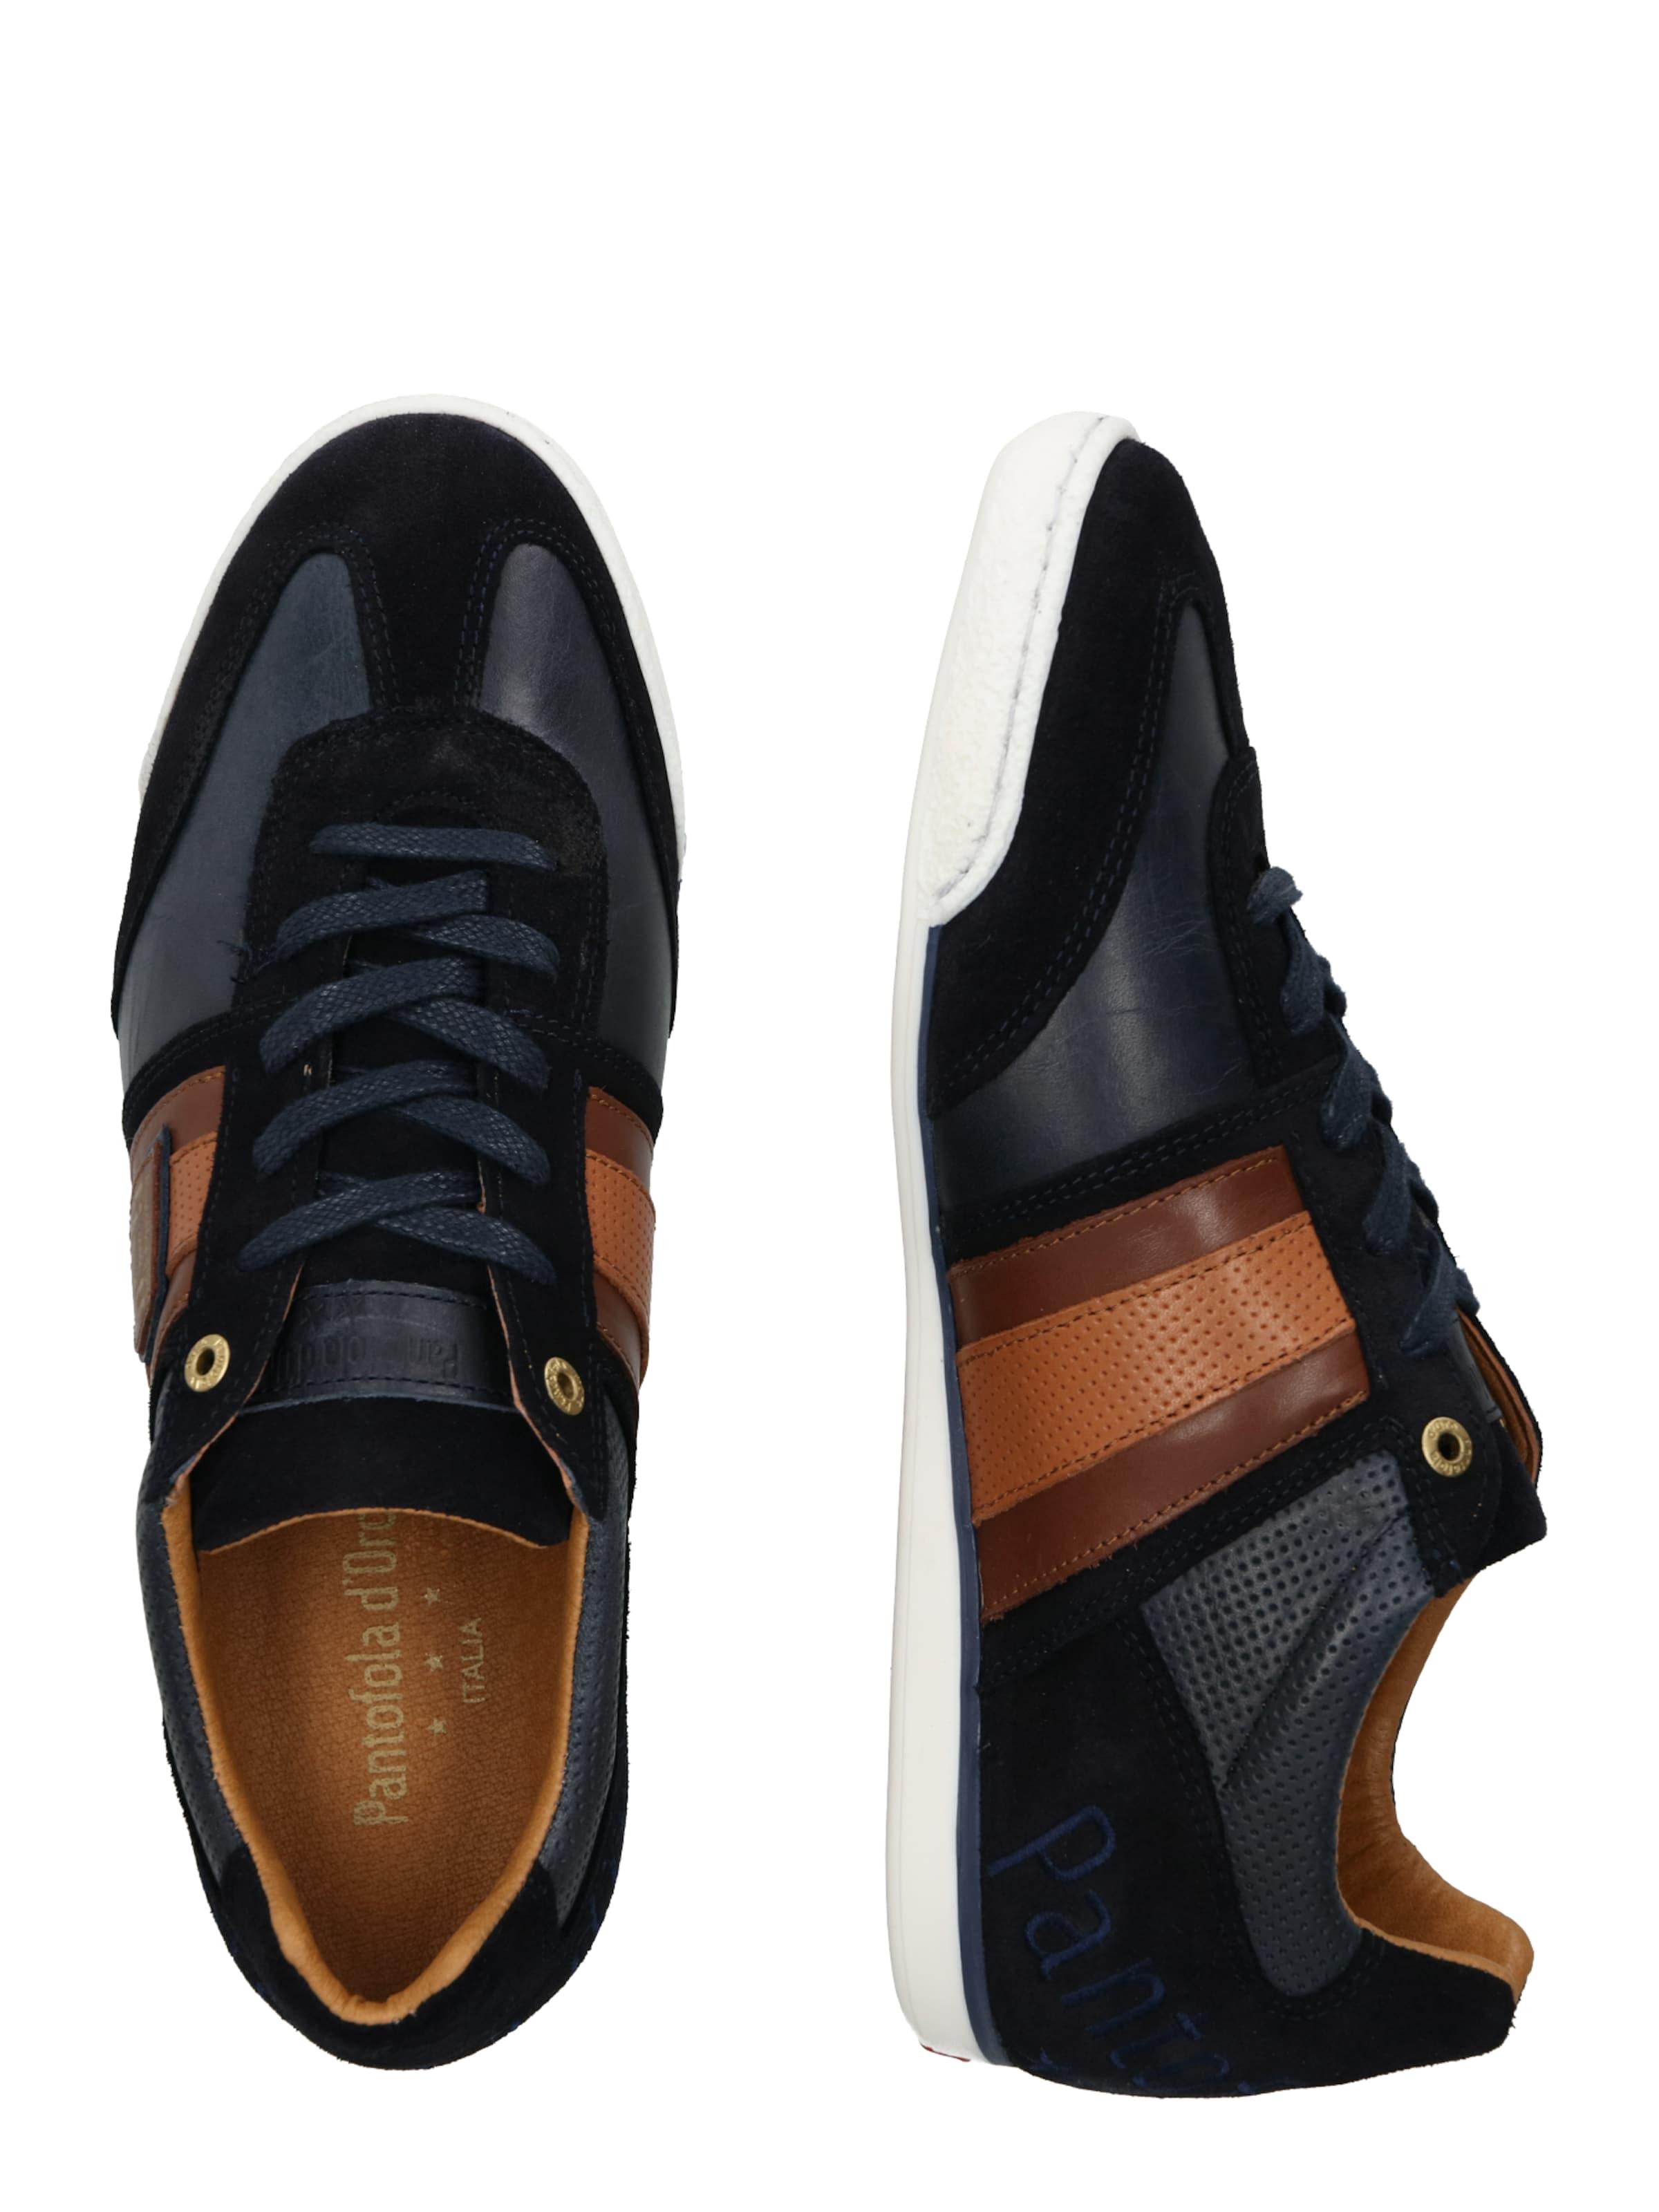 Low' Pantofola In Uomo D'oro Scudo Sneaker 'imola Nachtblau dCxBoe